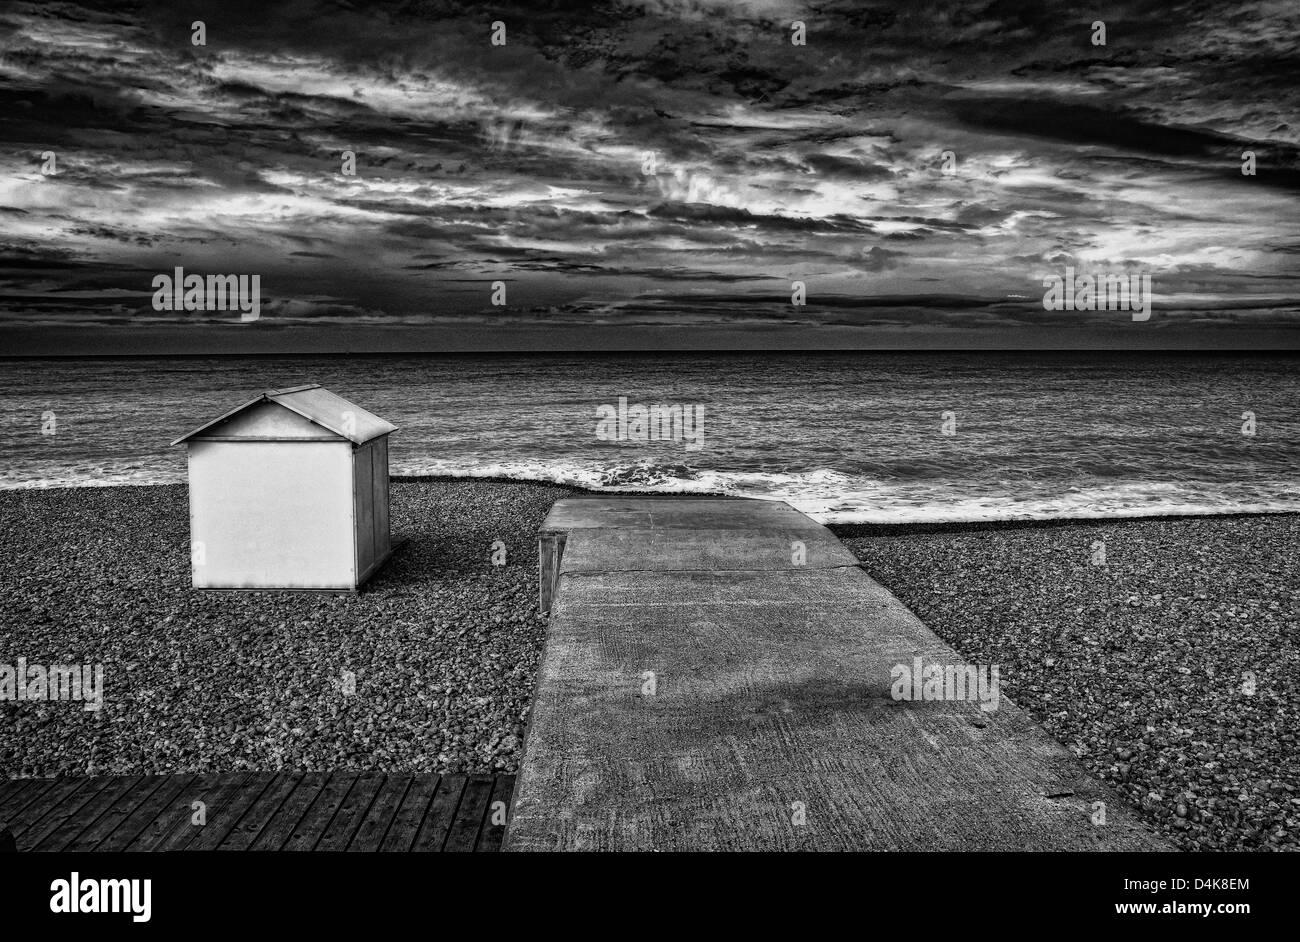 Quai en béton et hut on Rocky beach Banque D'Images